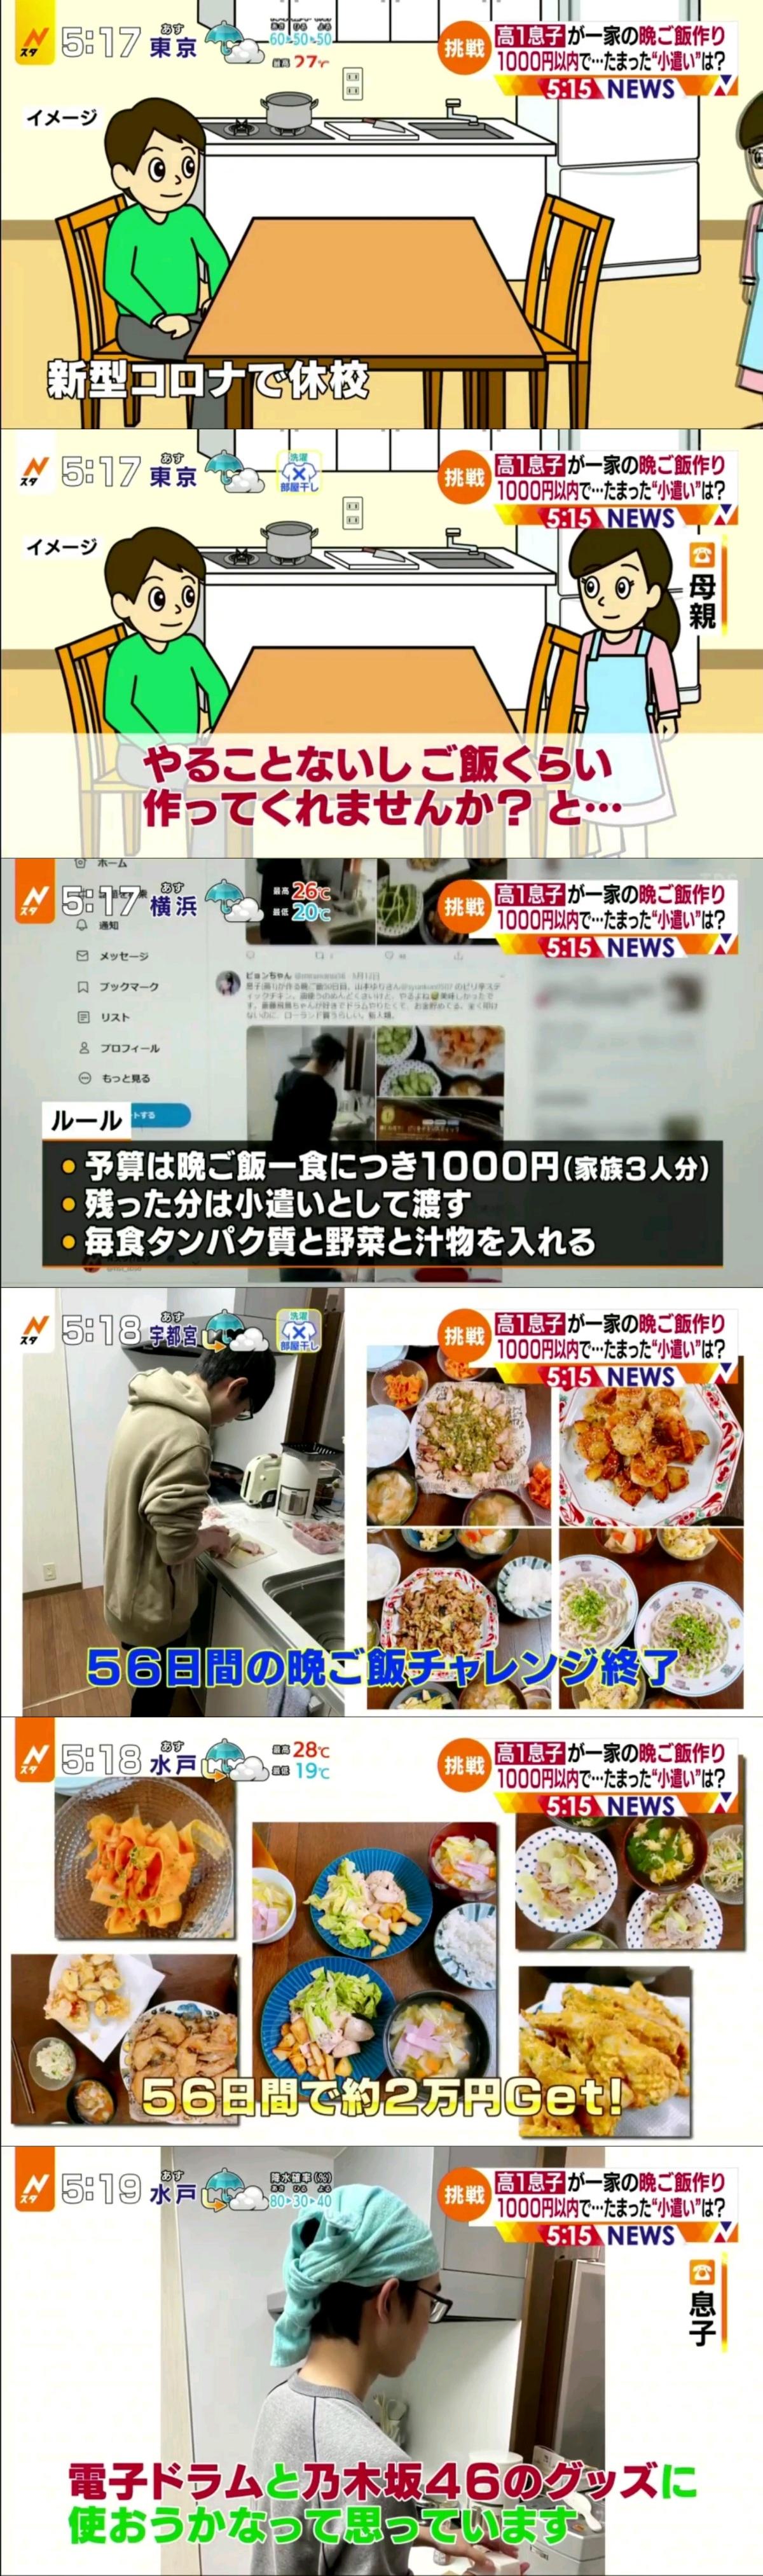 予算は1日千円。残った分は、小遣いとして渡す」で話題の高1息子 乃木オタ